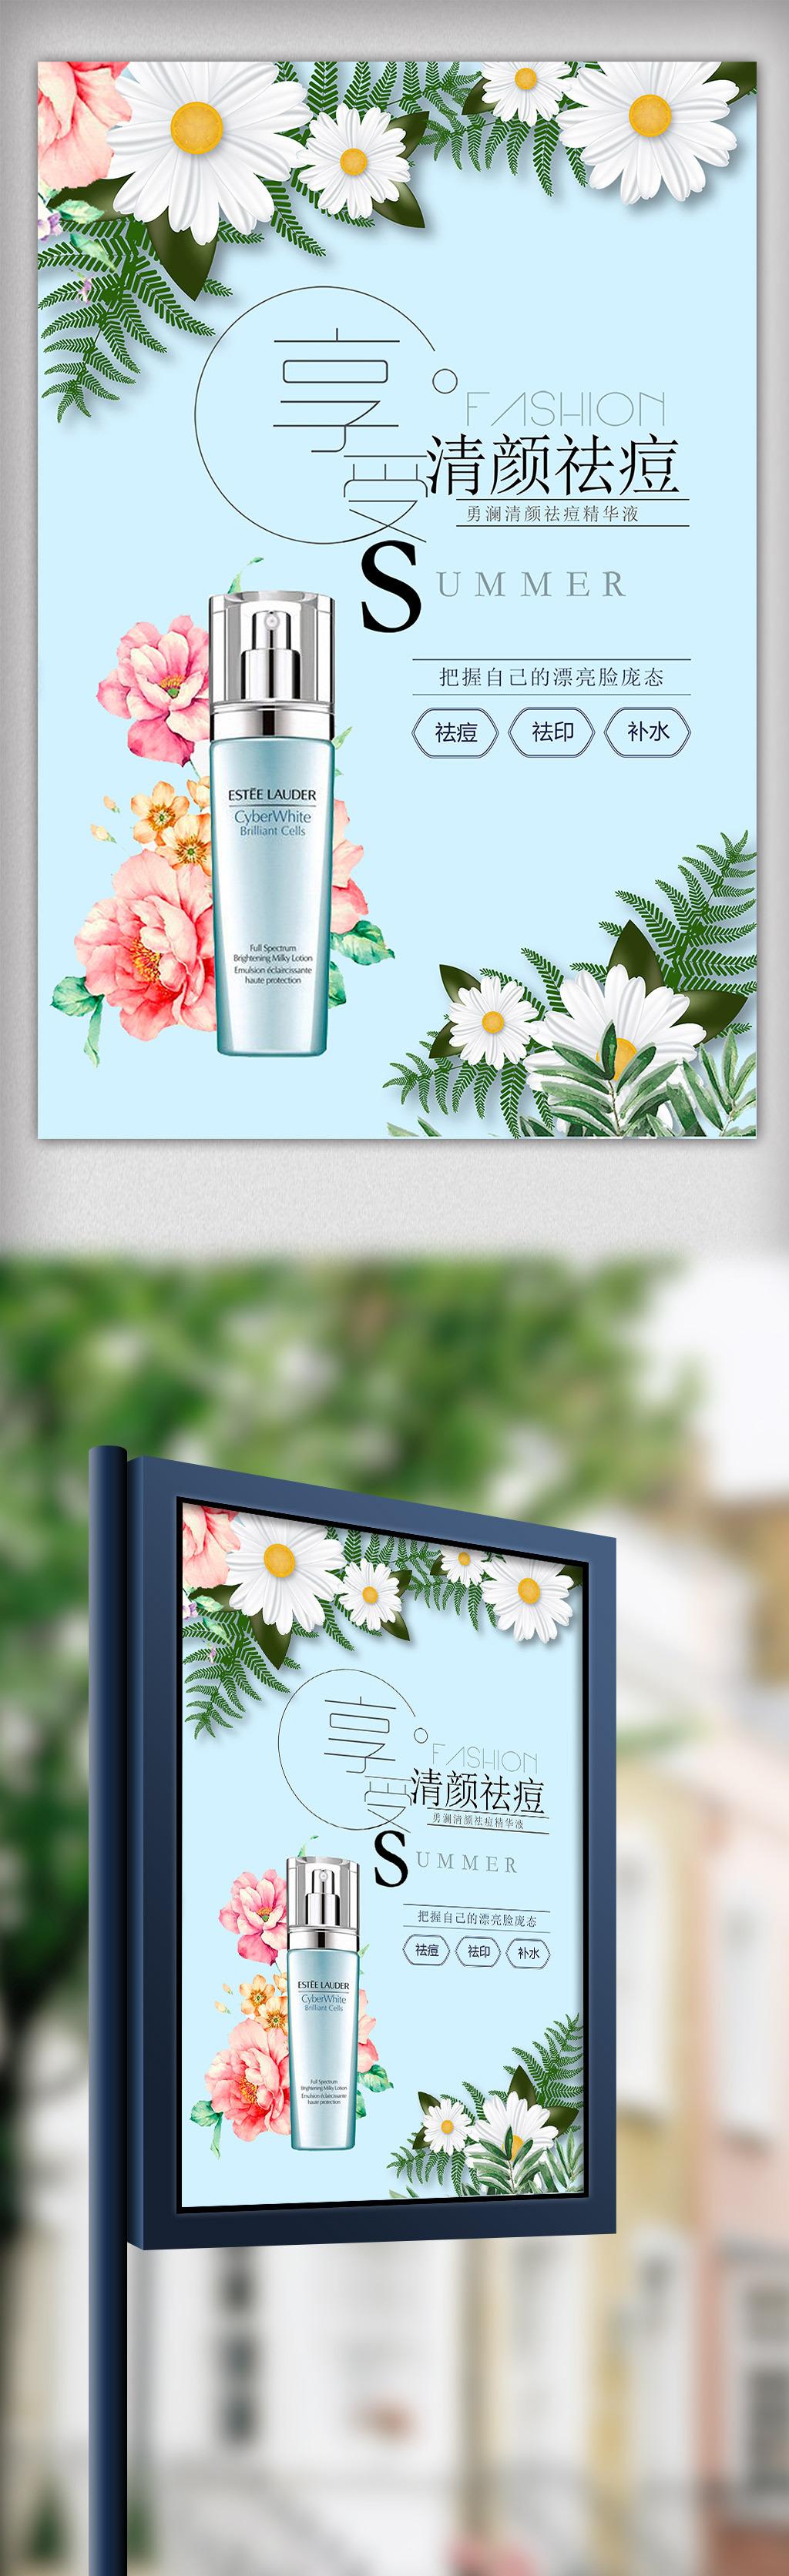 手绘小清新化妆品宣传海报